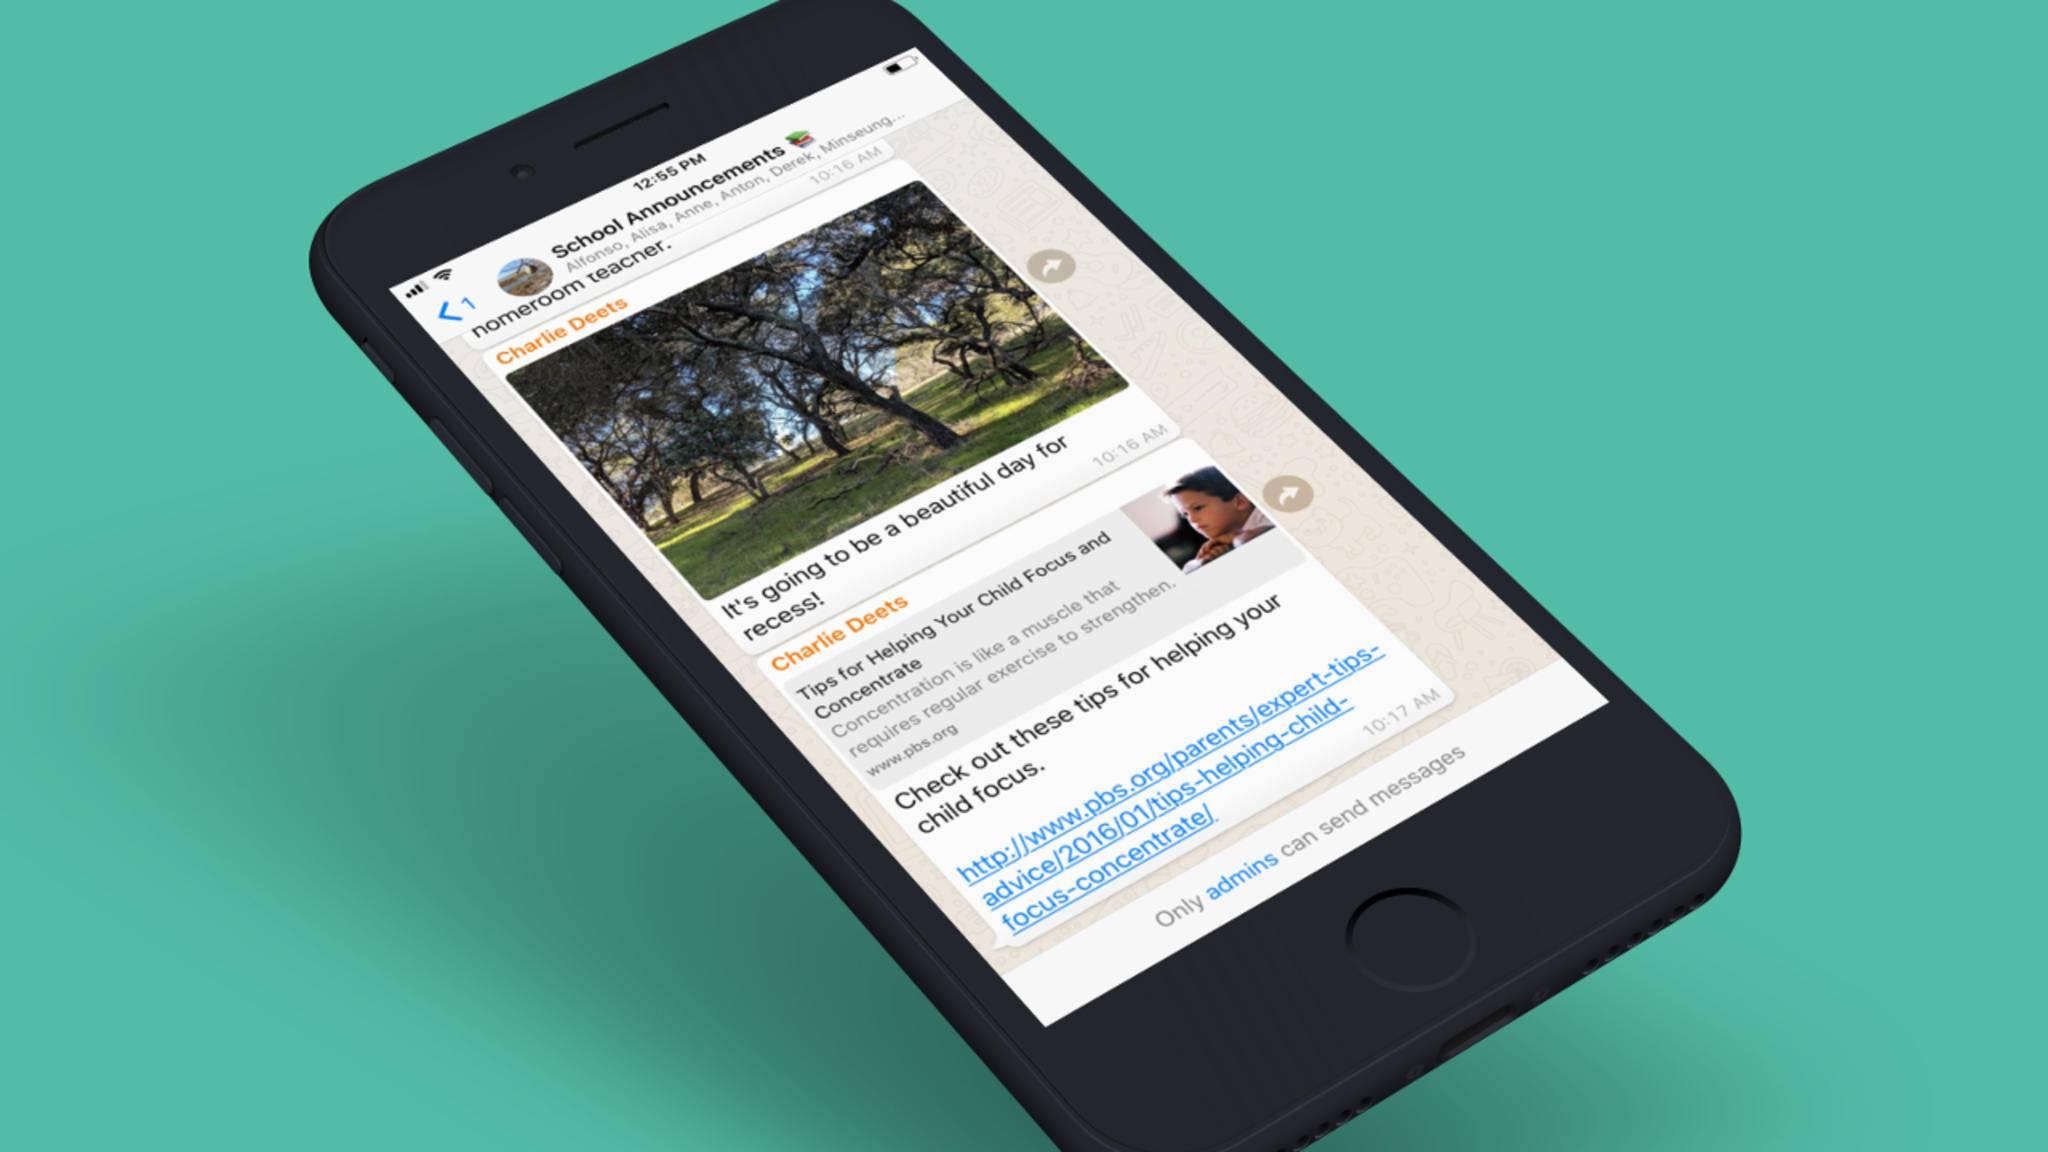 WhatsApp schiebt ungebetenen Gruppeneinladungen einen Riegel vor.